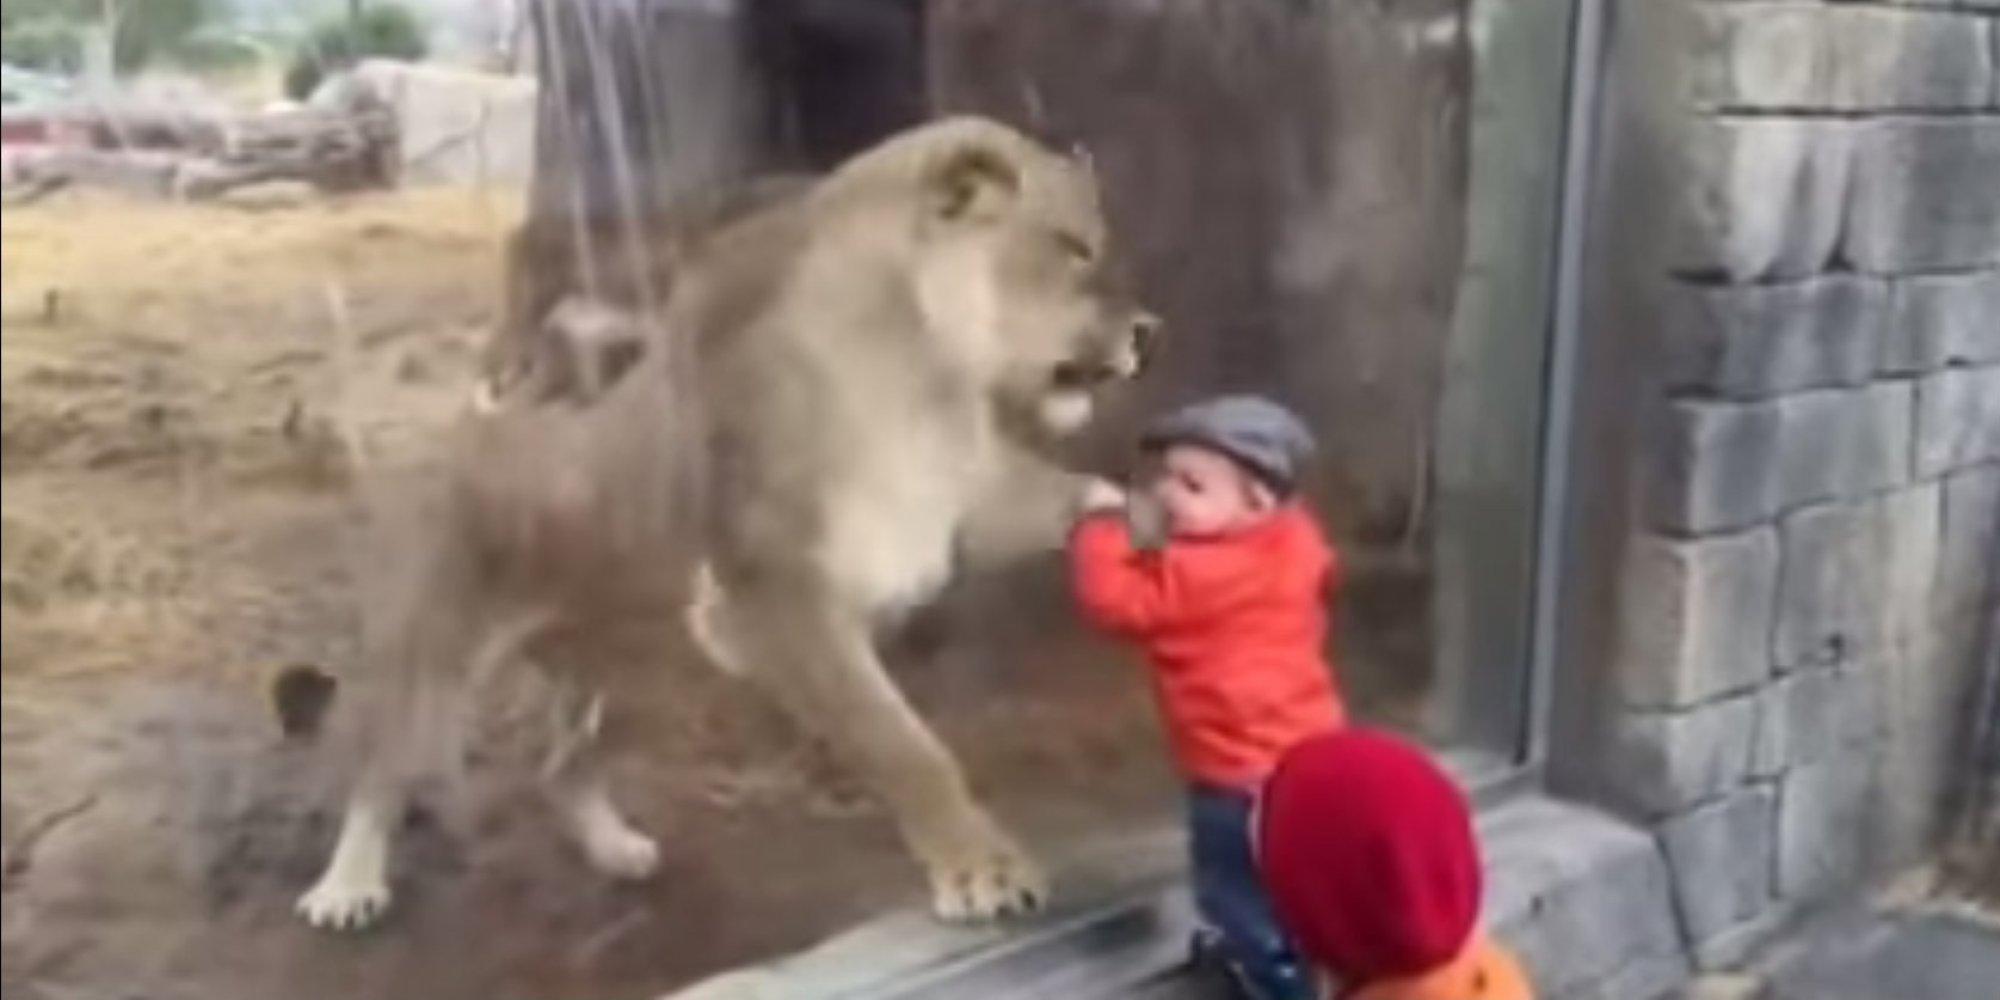 VIDO Une Lionne Essaye De Manger Un Enfant Travers La